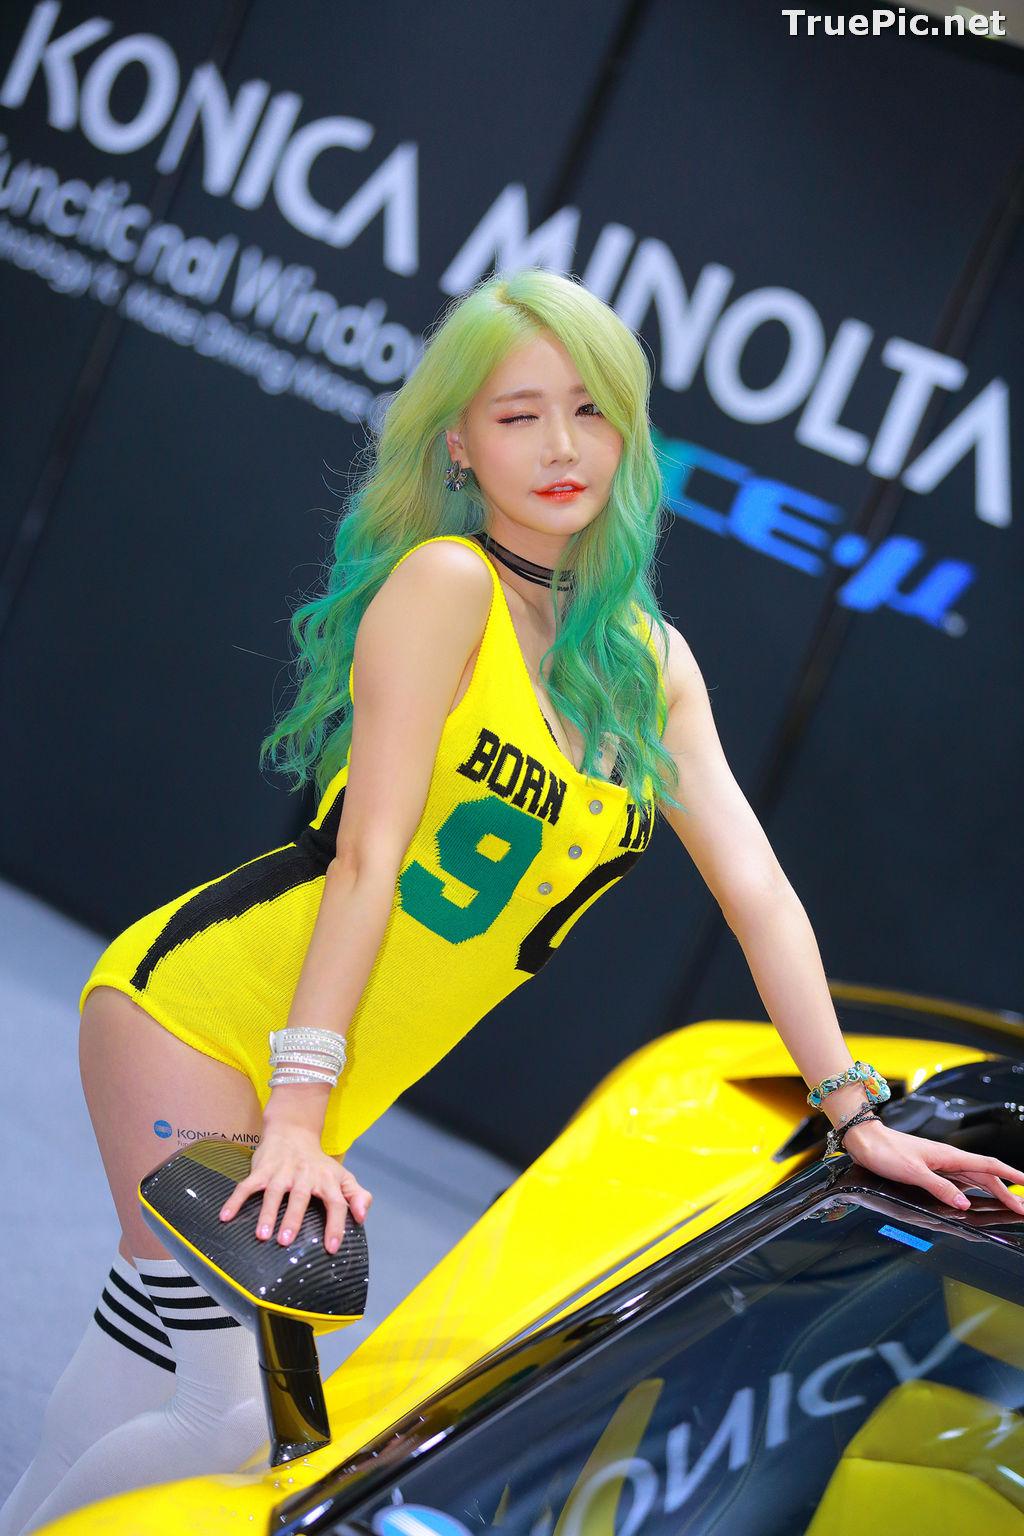 Image Best Beautiful Images Of Korean Racing Queen Han Ga Eun #4 - TruePic.net - Picture-6